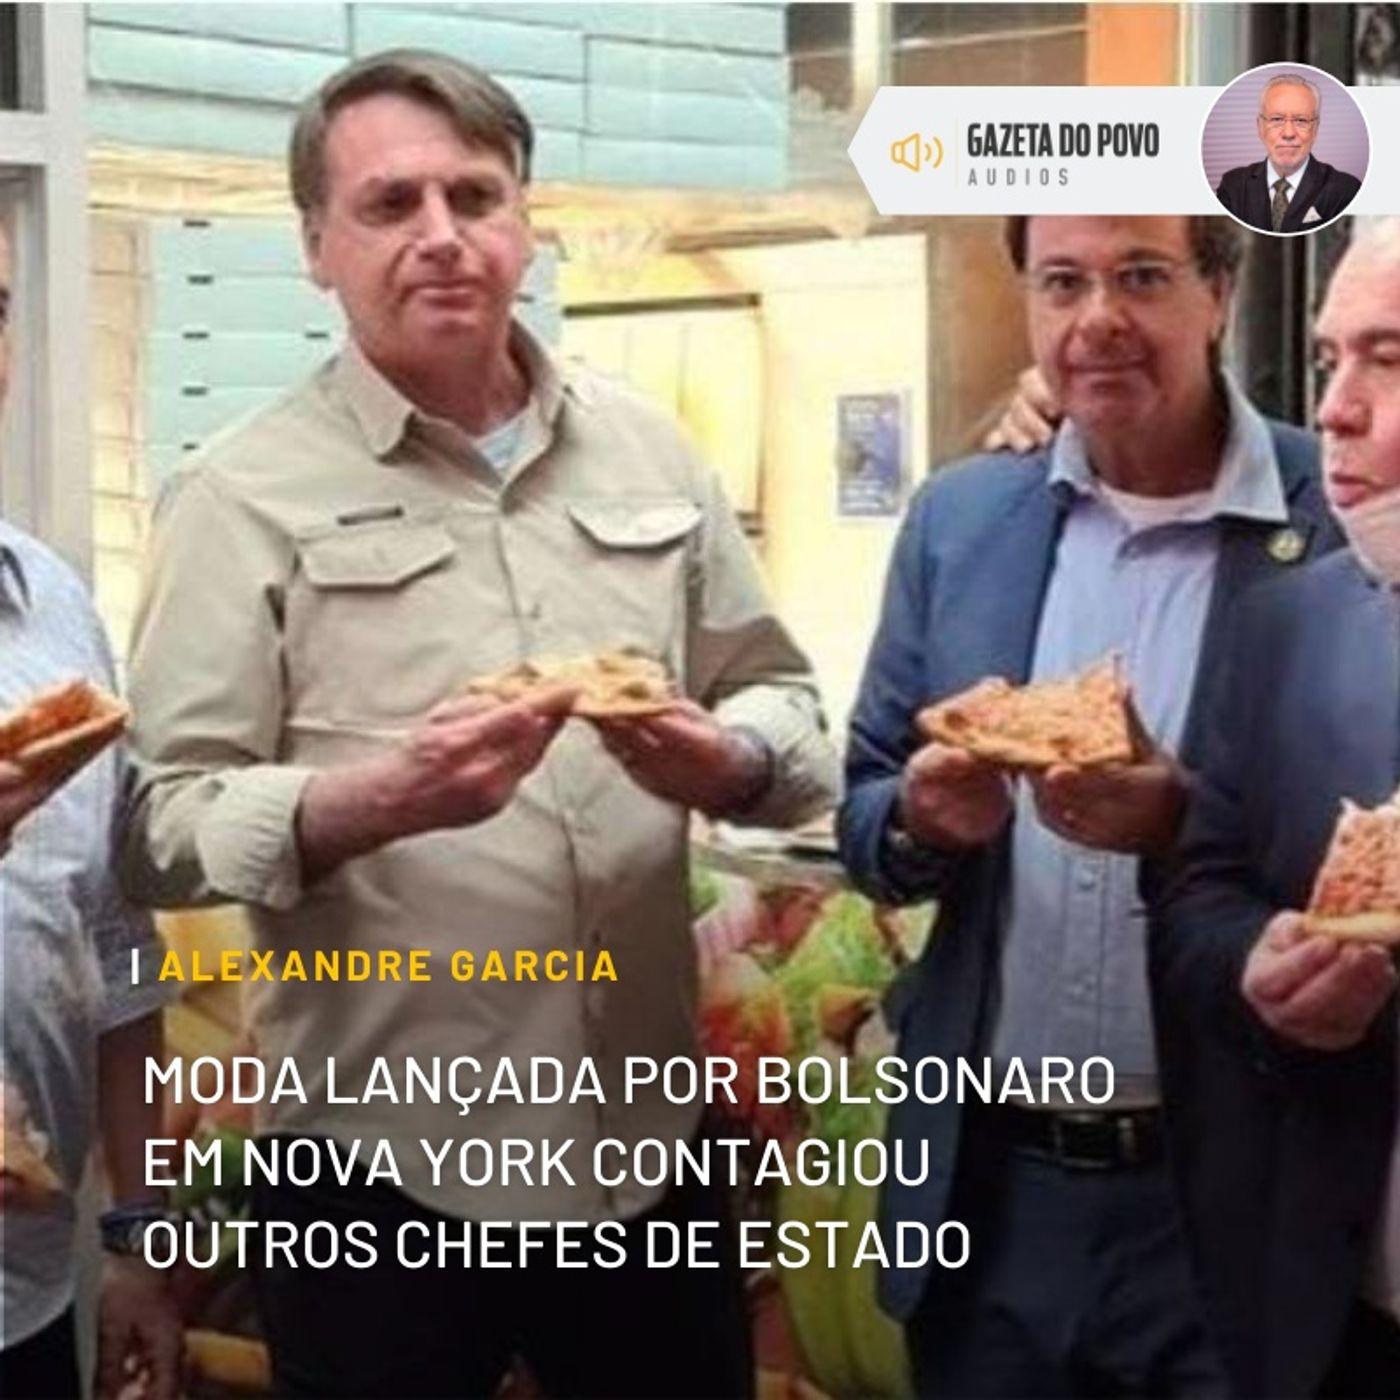 Moda lançada por Bolsonaro em NY contagiou outros chefes de Estado